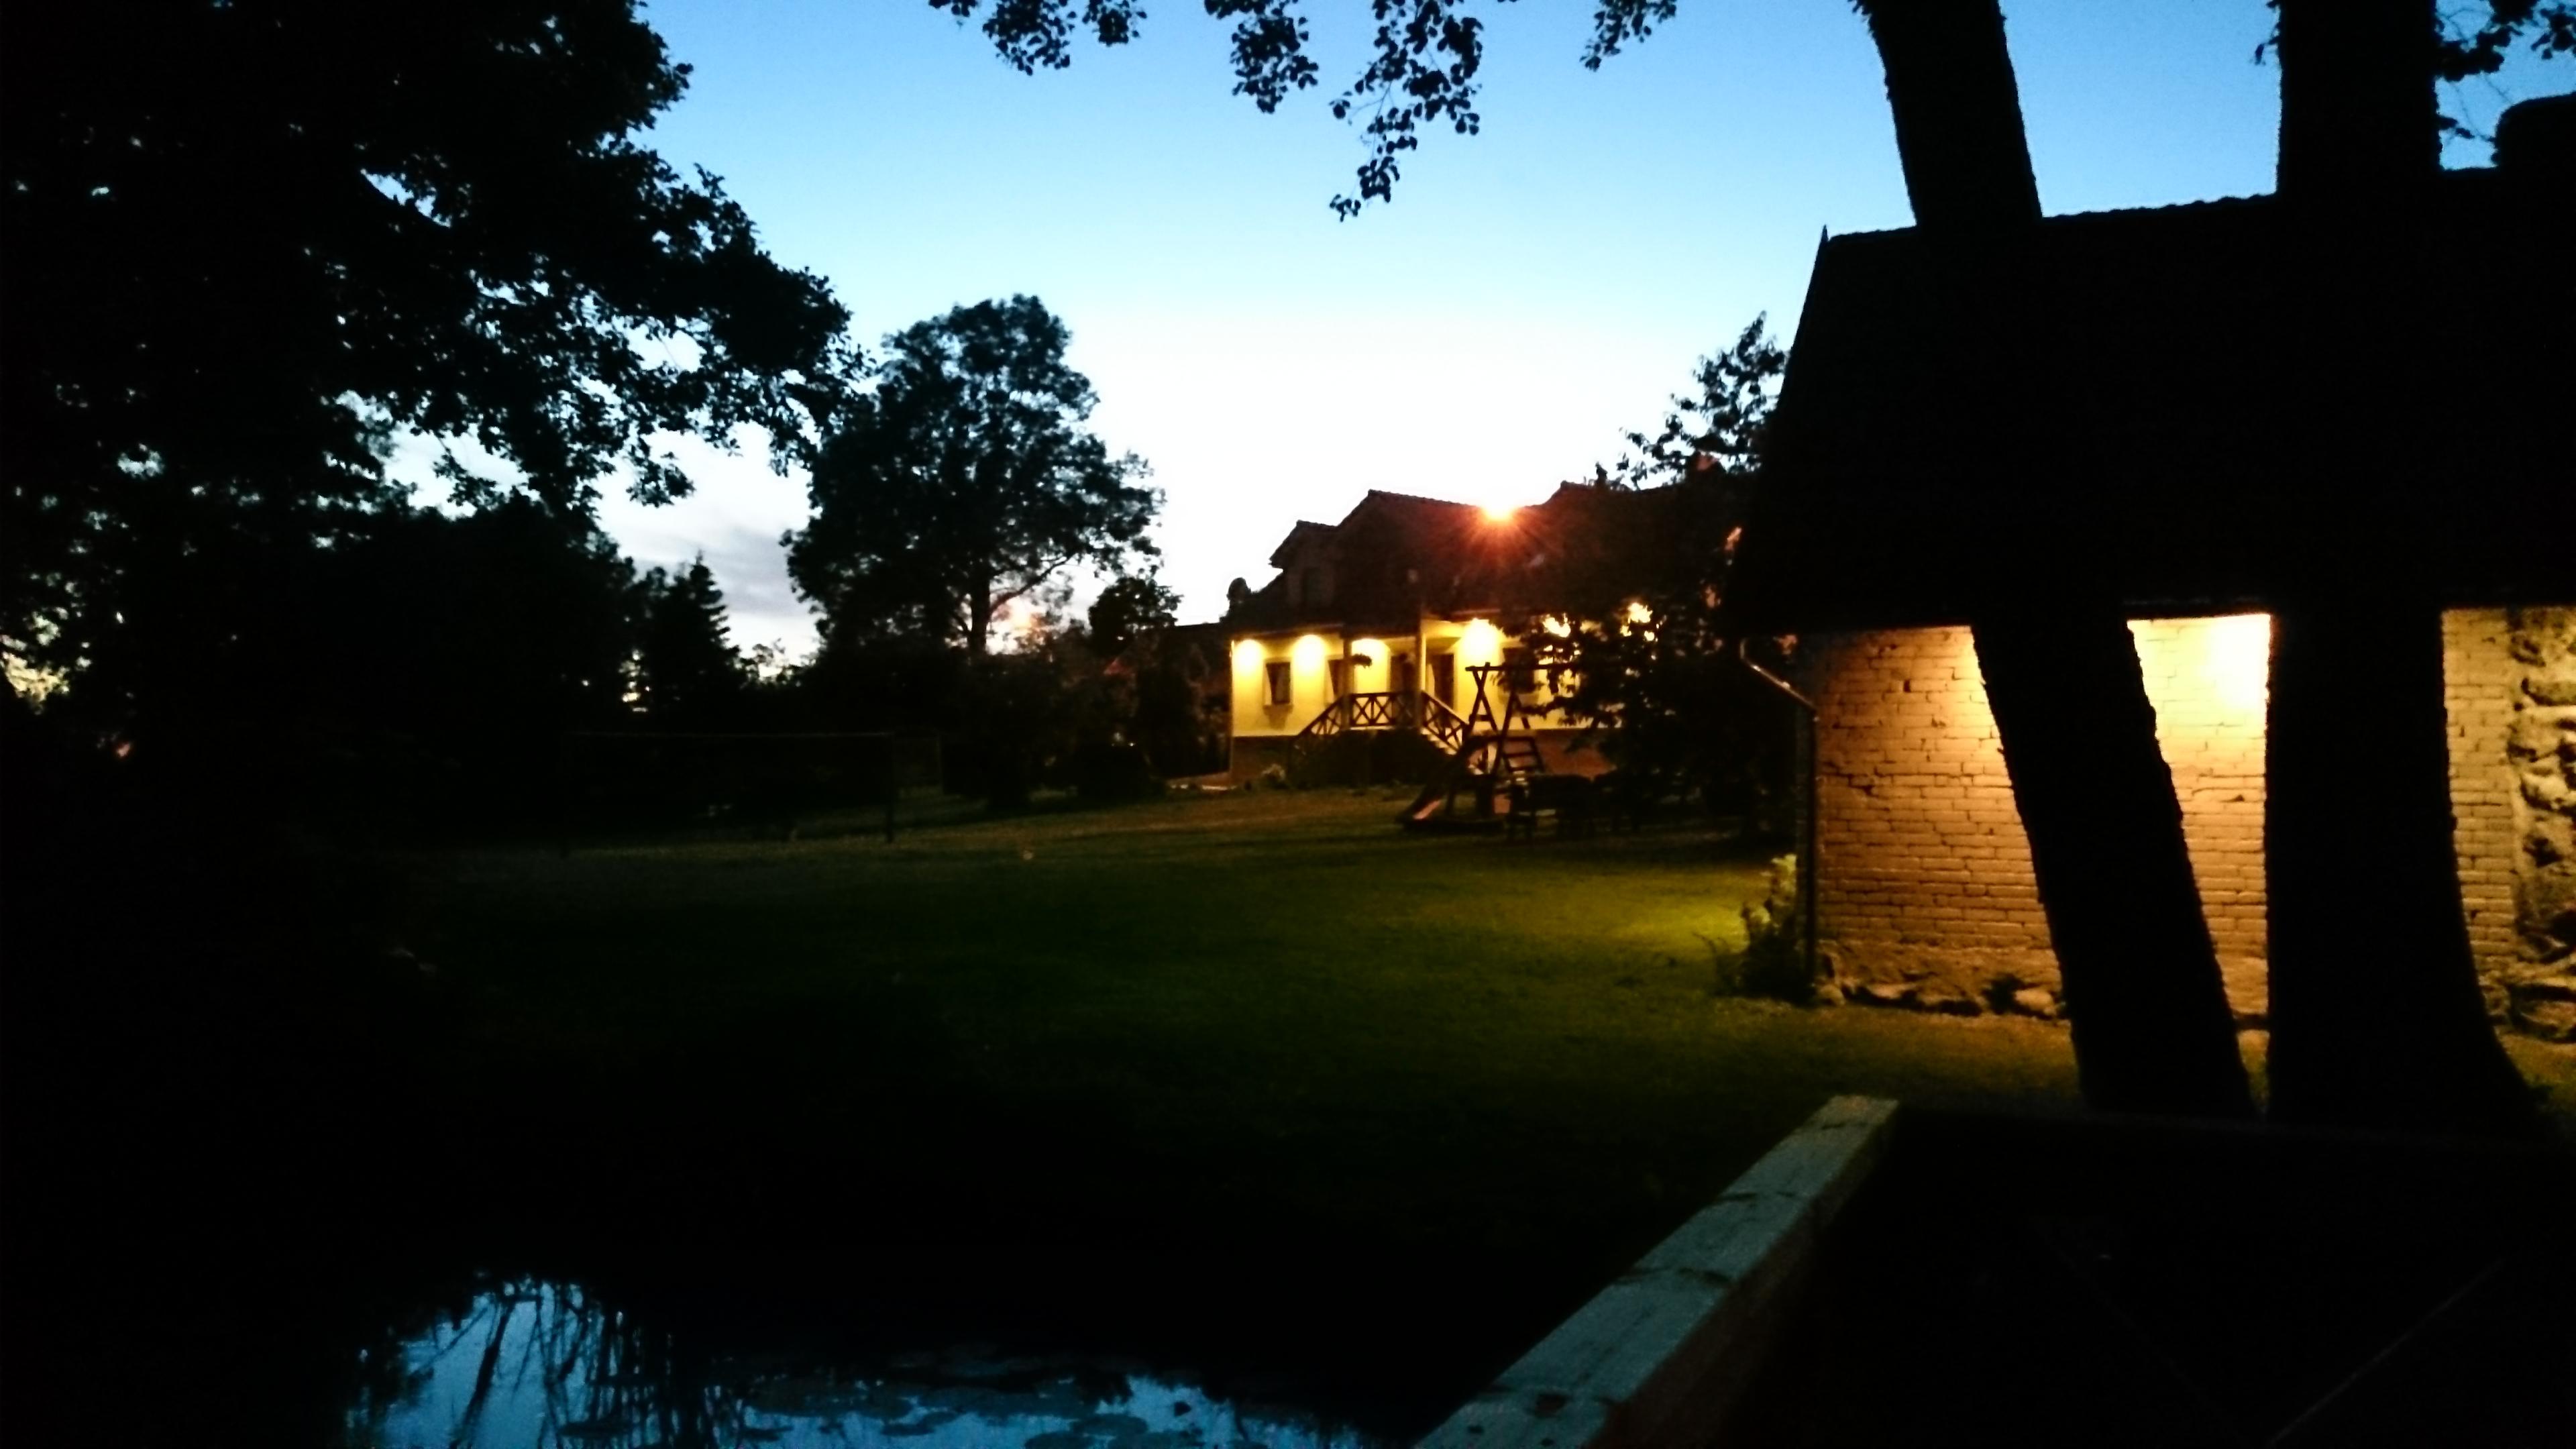 Widok na dwa oświetlone budynki kużni i dom noclegowy